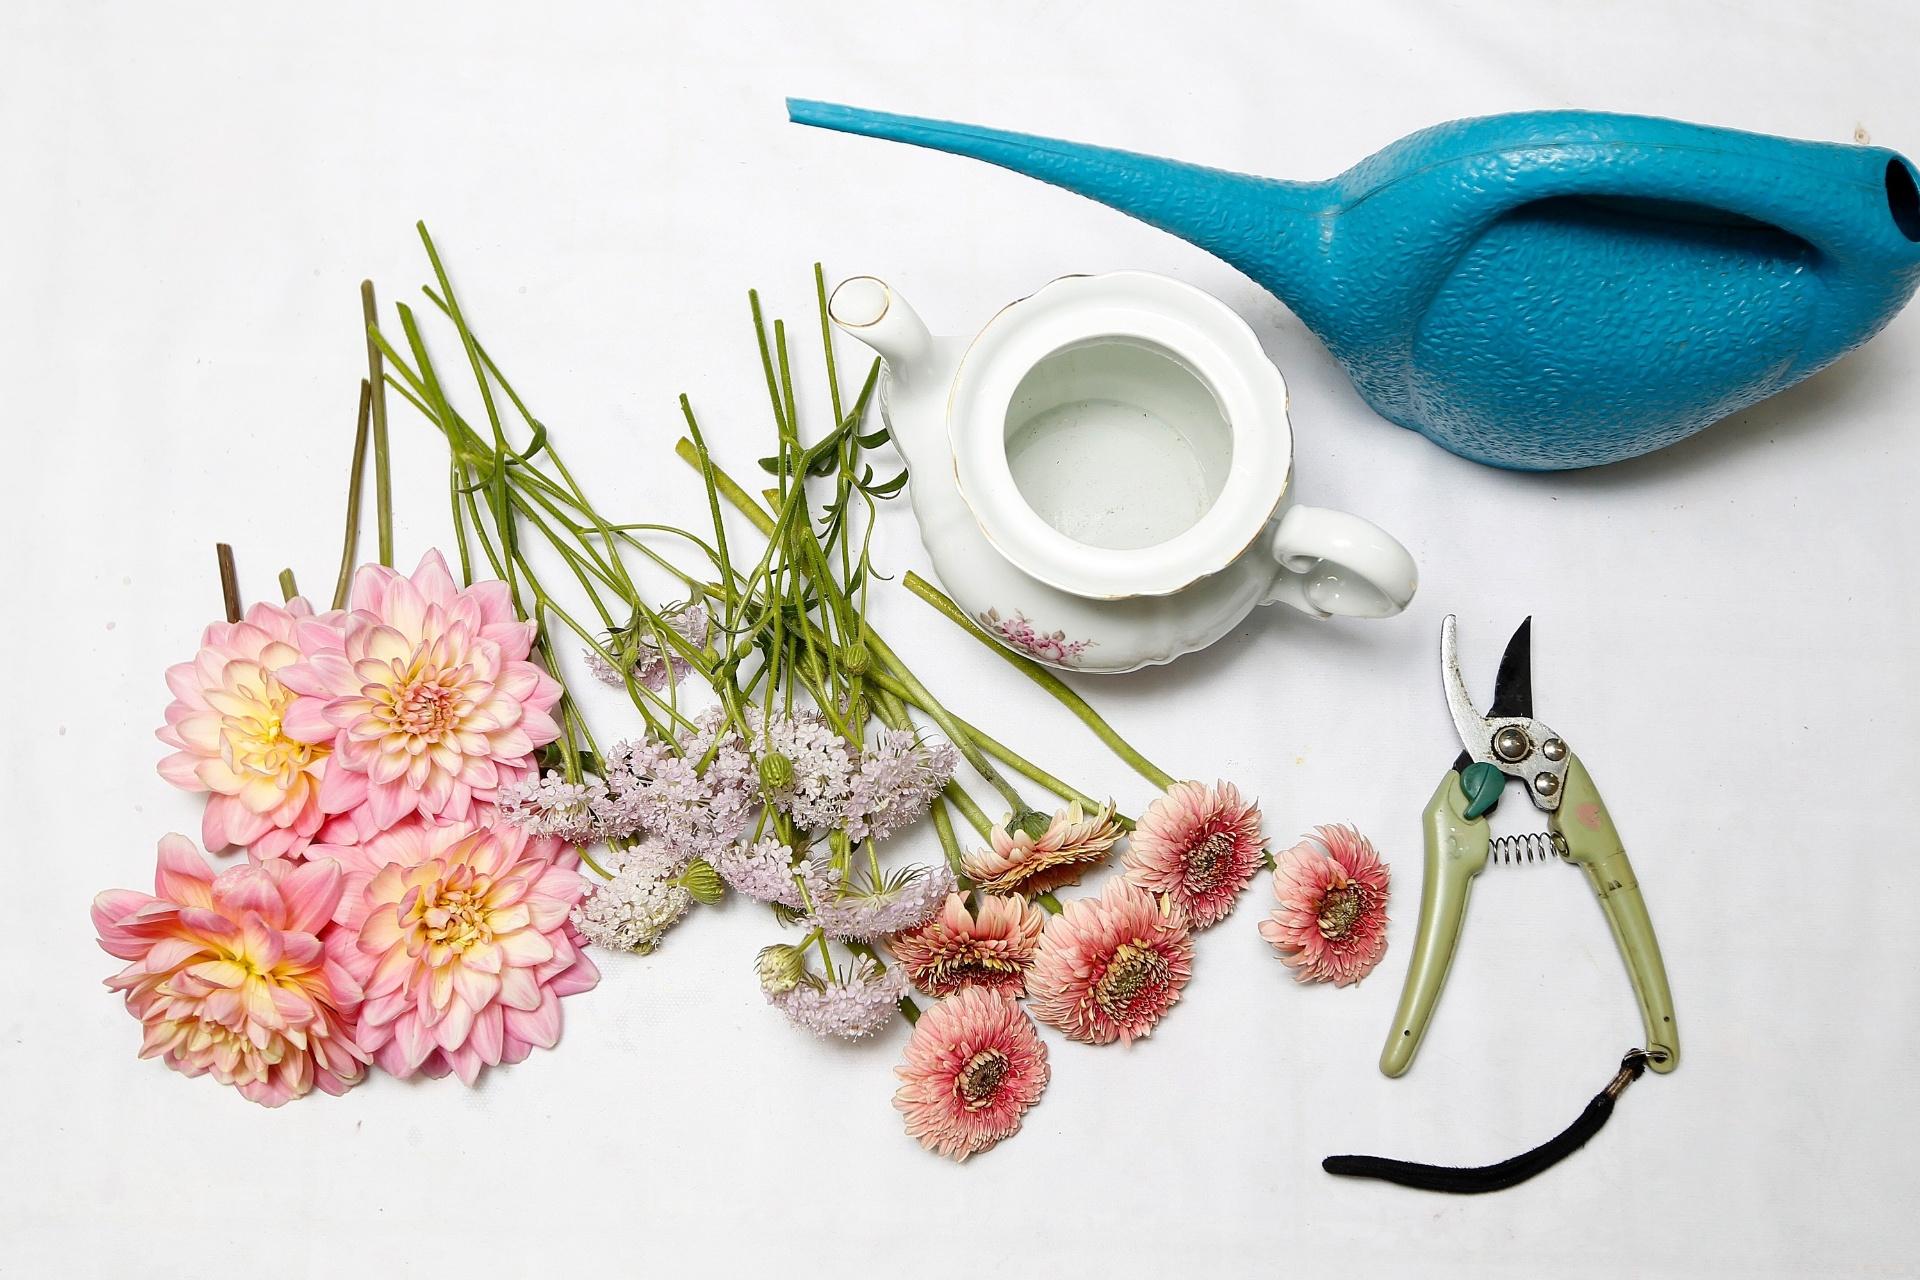 #0D9BBA  casa com arranjos de flores em utensílios de cozinha   UOL Estilo 1920x1280 px Estilo De Cozinha Em Casa_222 Imagens